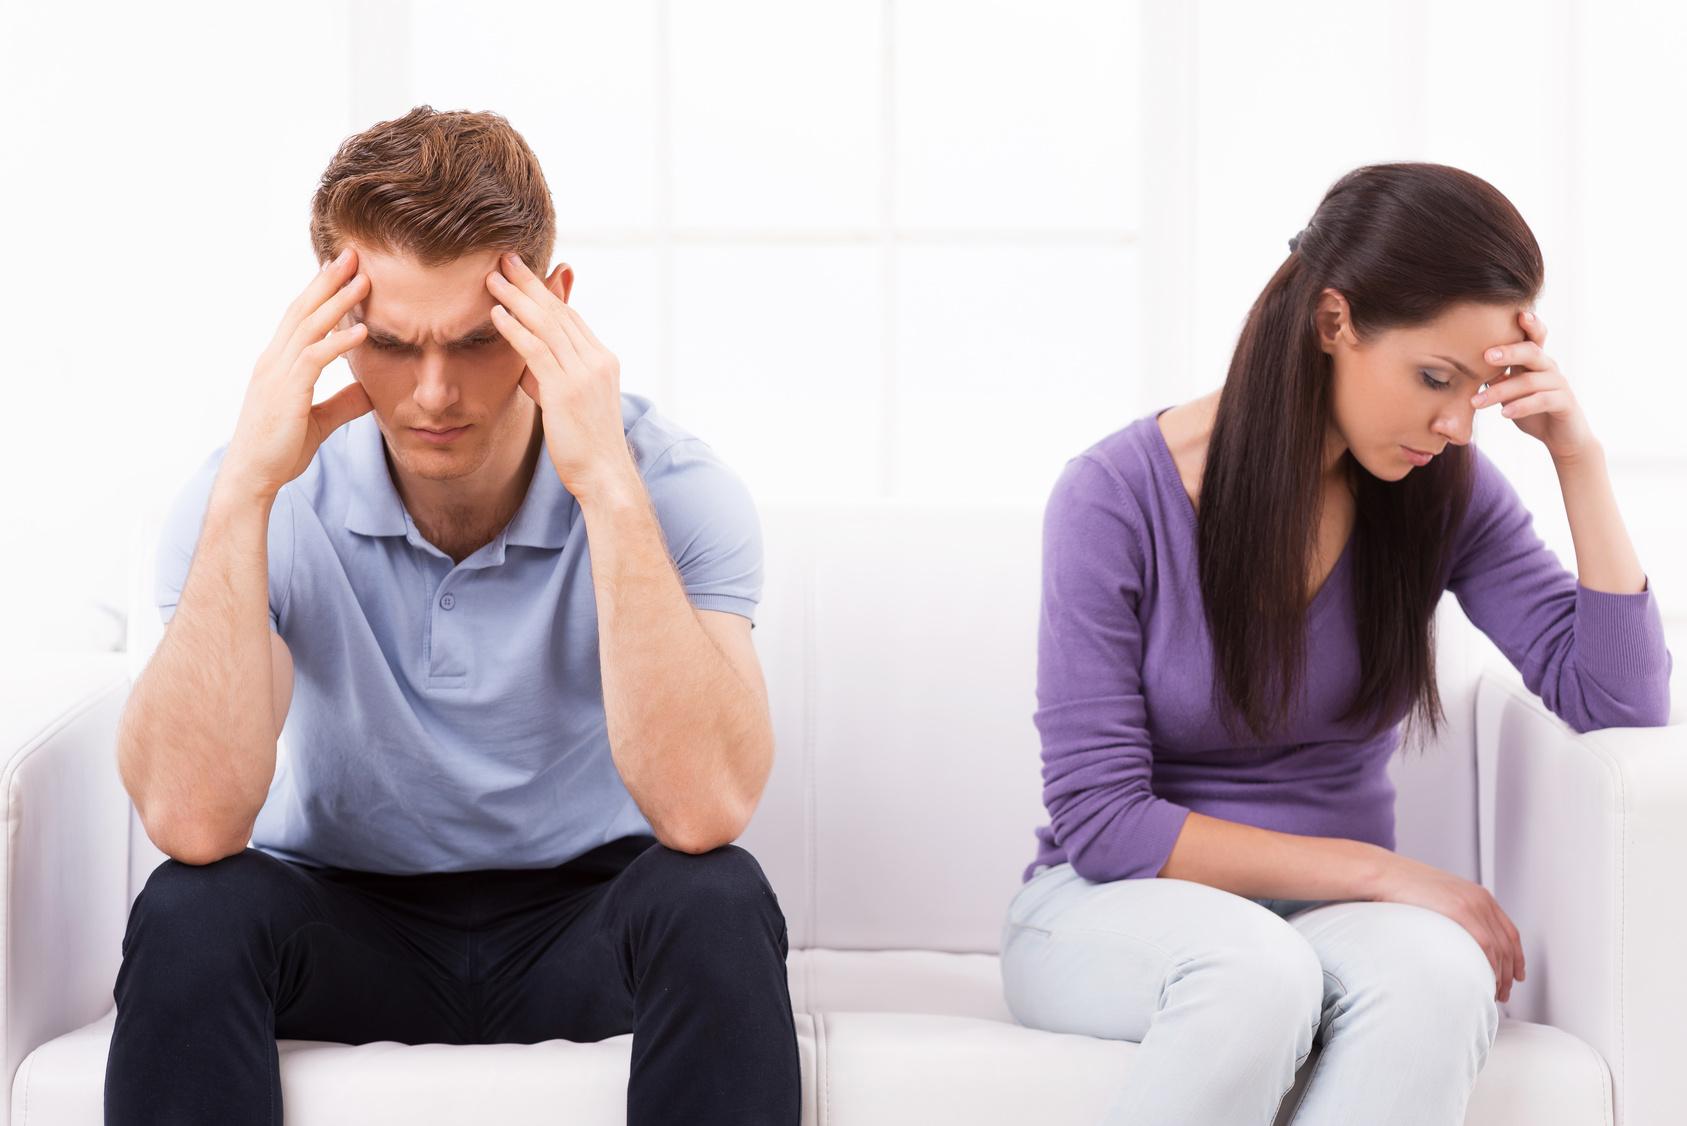 Infidelity Services